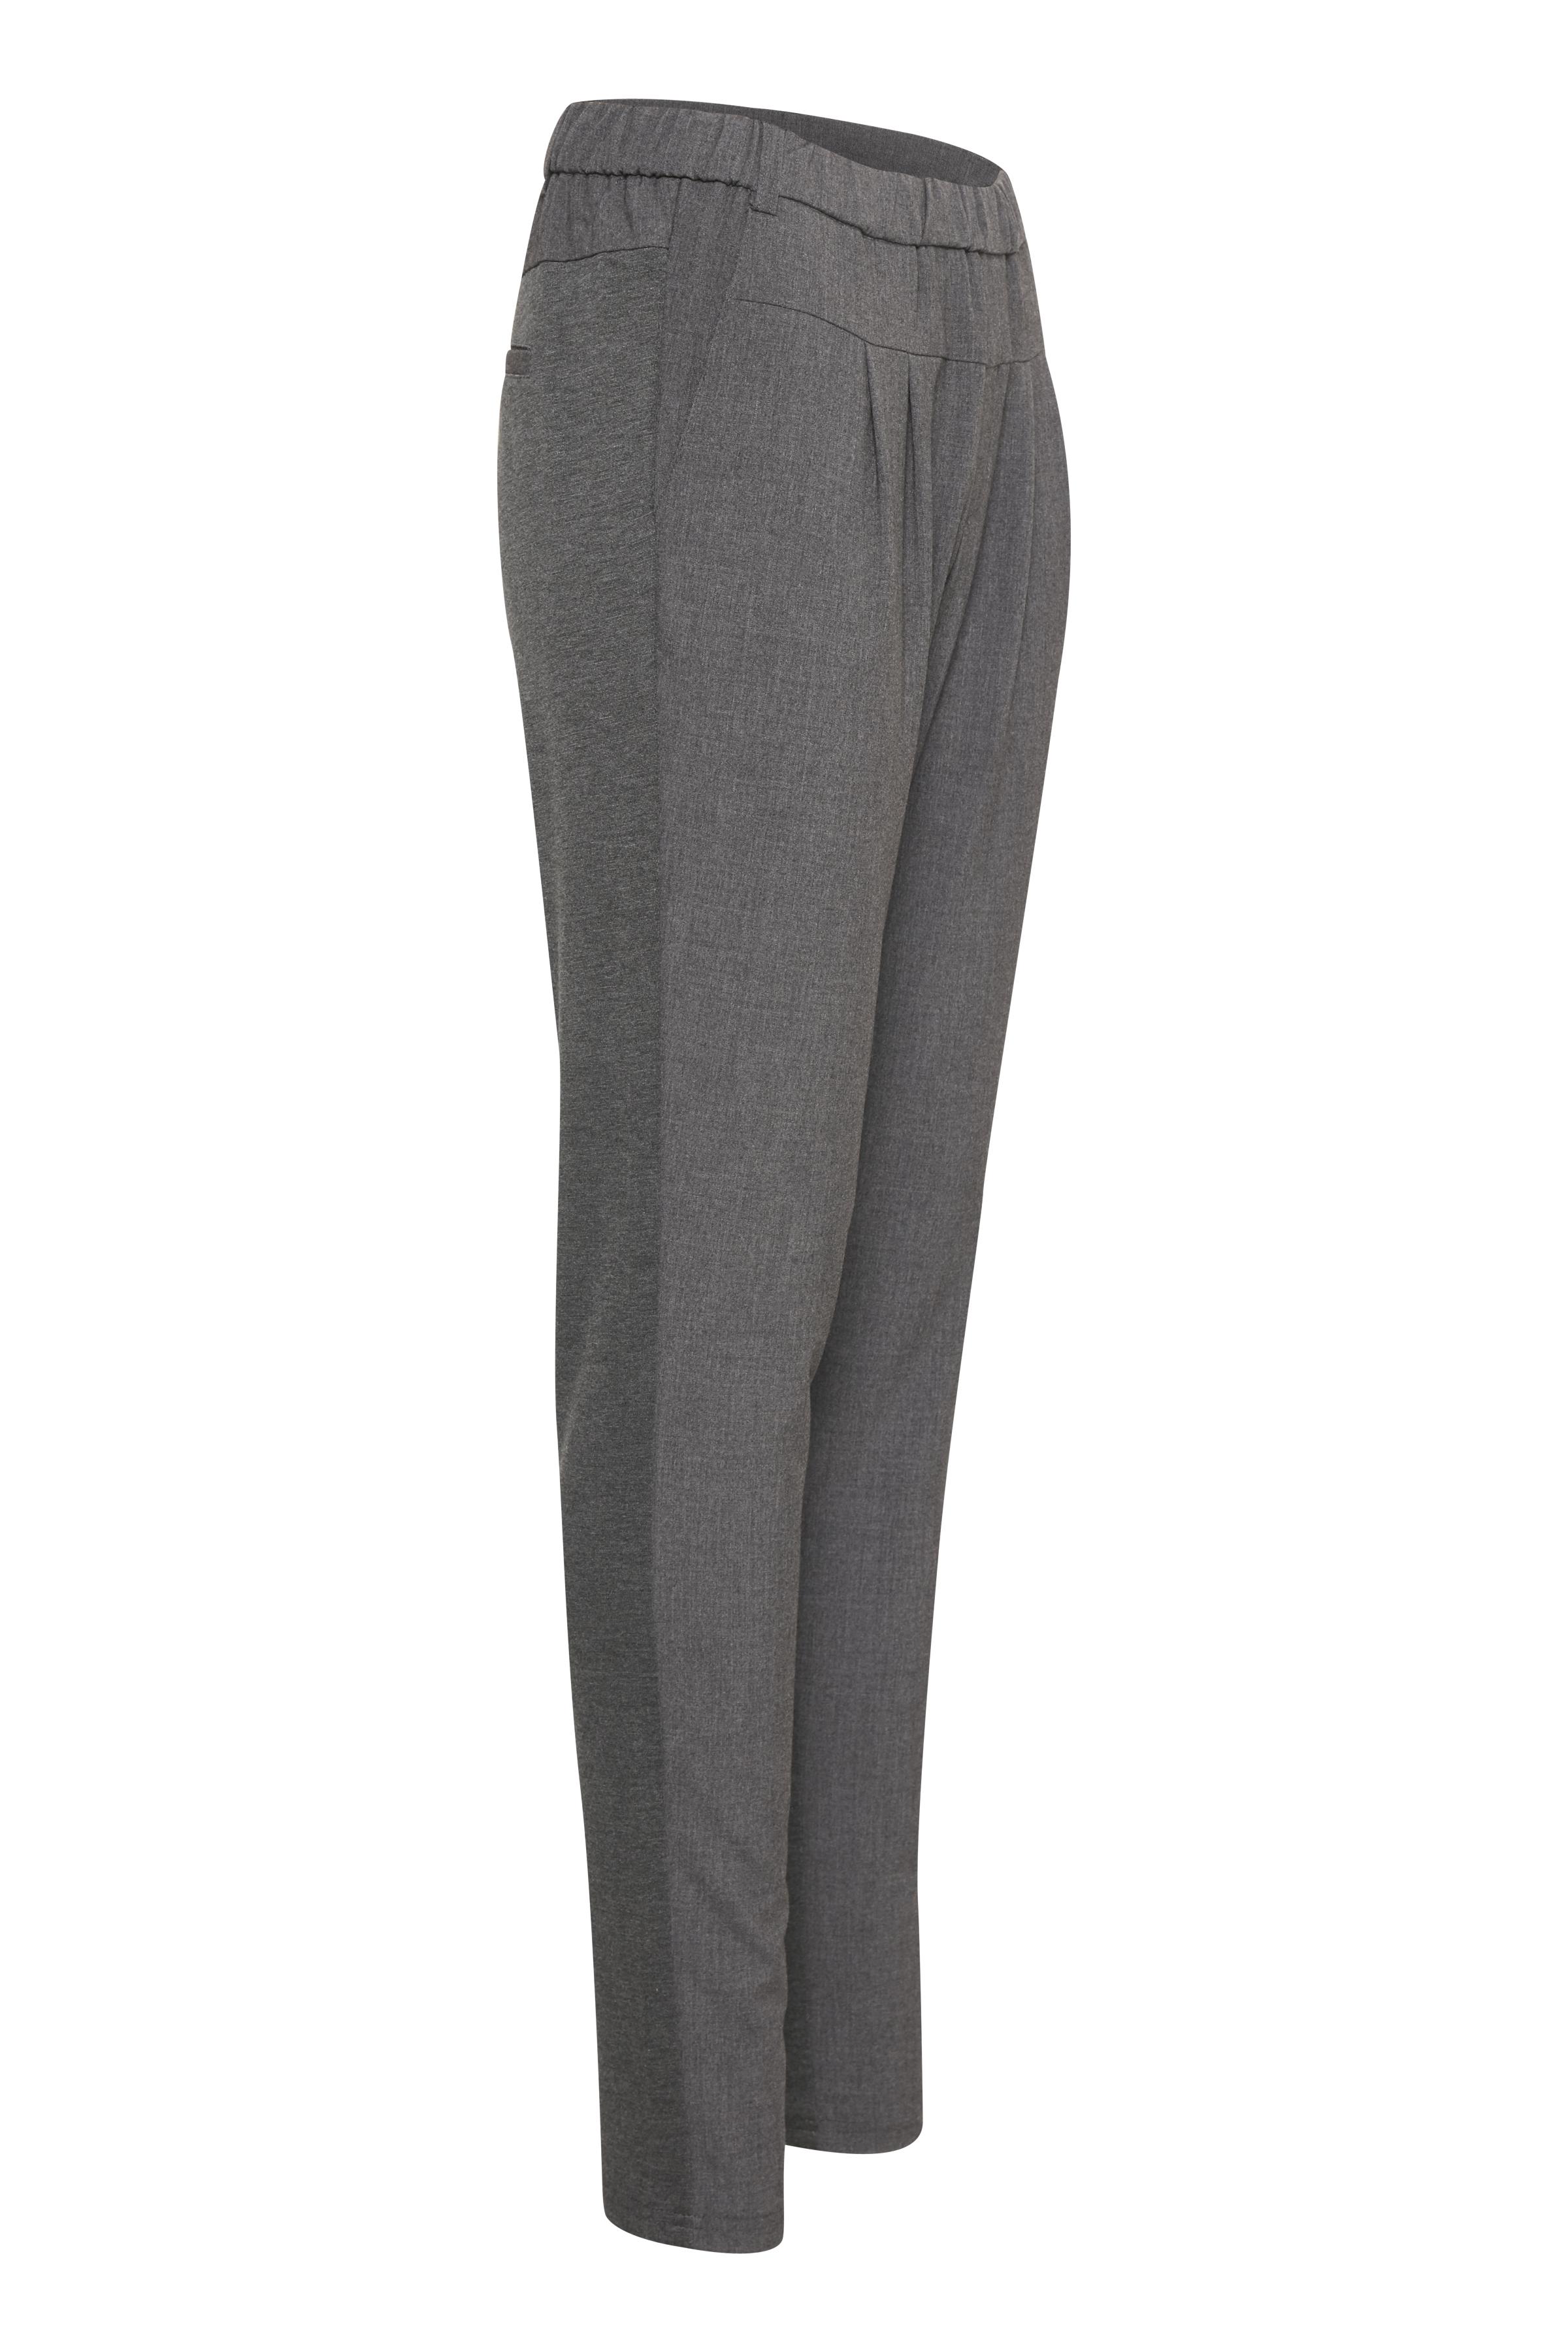 Gråmelerad Casual byxor från Culture – Köp Gråmelerad Casual byxor från stl. XS-XXL här